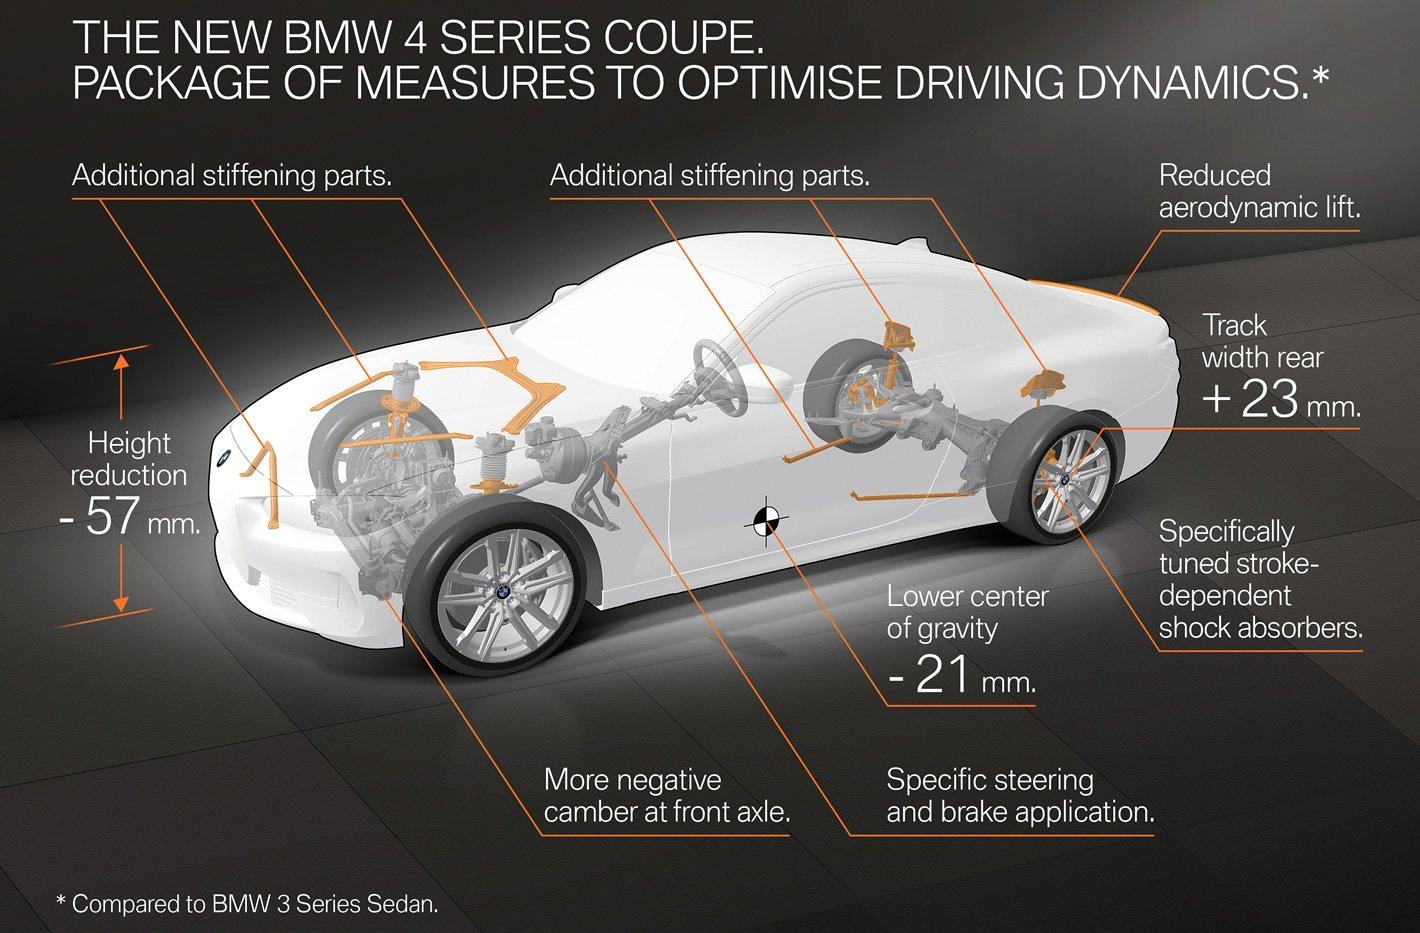 BMW Serii 4 kontra BMW serii 3